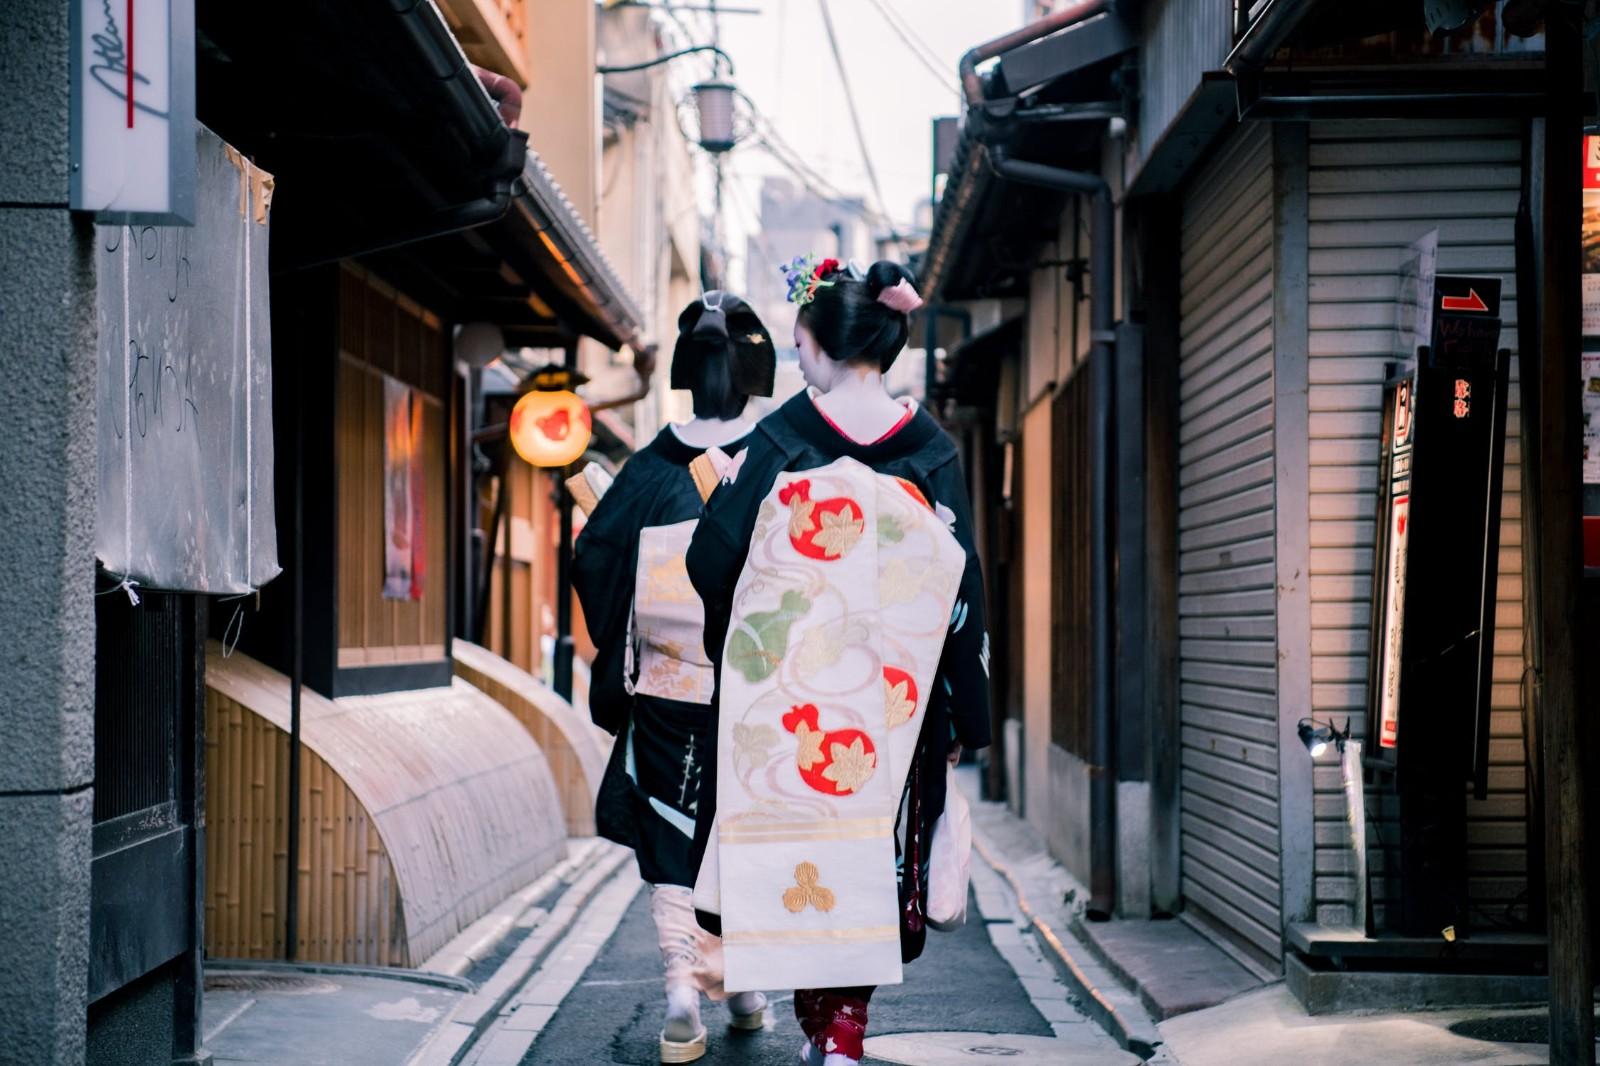 合肥日语n2辅导班多少钱(成人0基础学日语需要特殊方法)